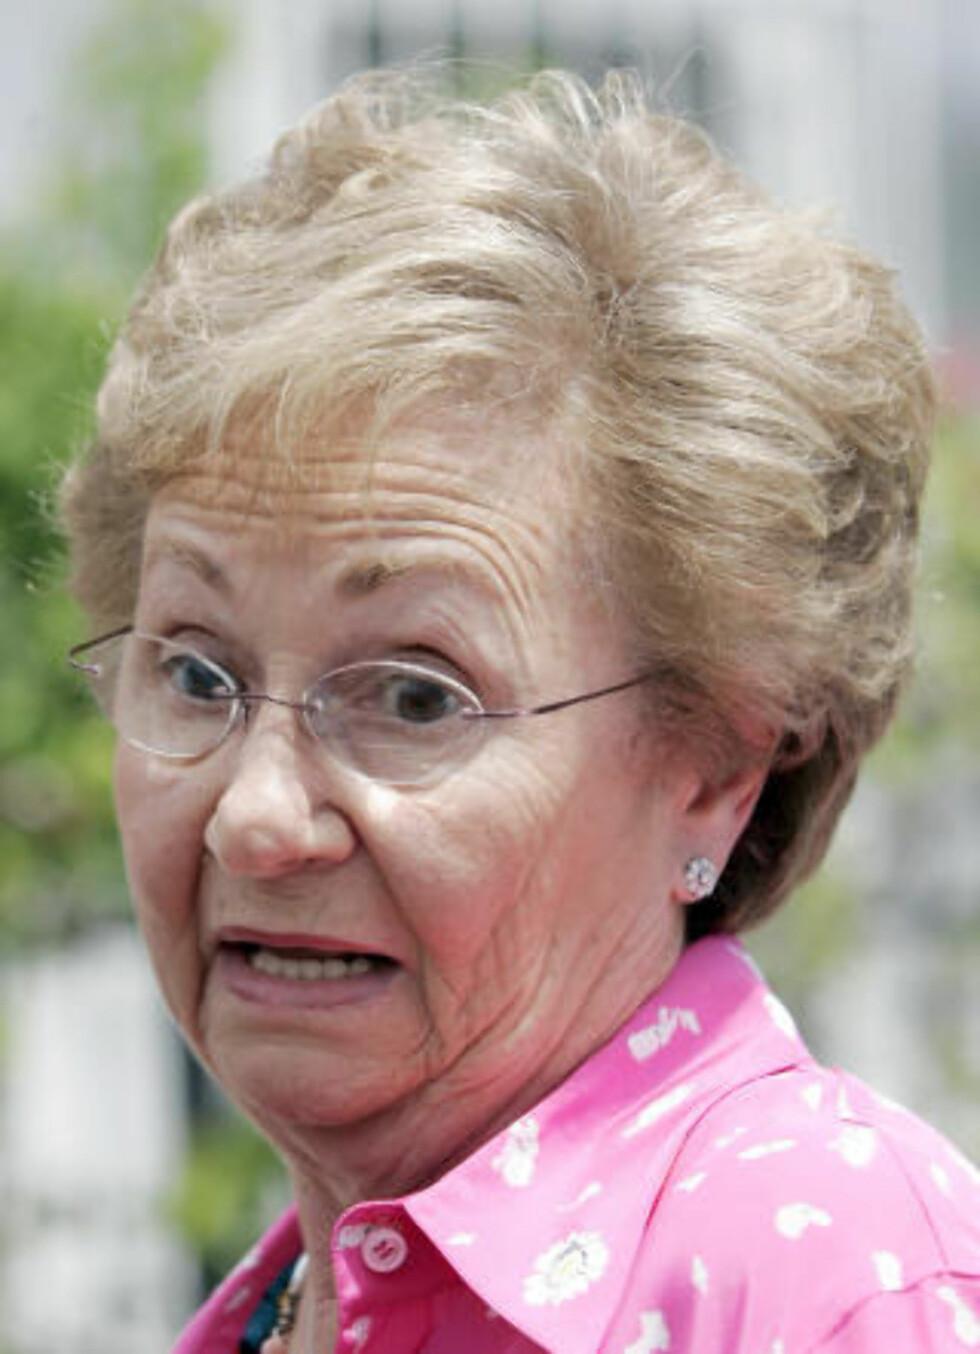 I OPPOSISJON: Juanita Castro, i dag 76 år gammel, gikk i klinsj med brødrene, bisto opposisjonelle og amerikanske myndigheter og flyttet til Miami i 1964.